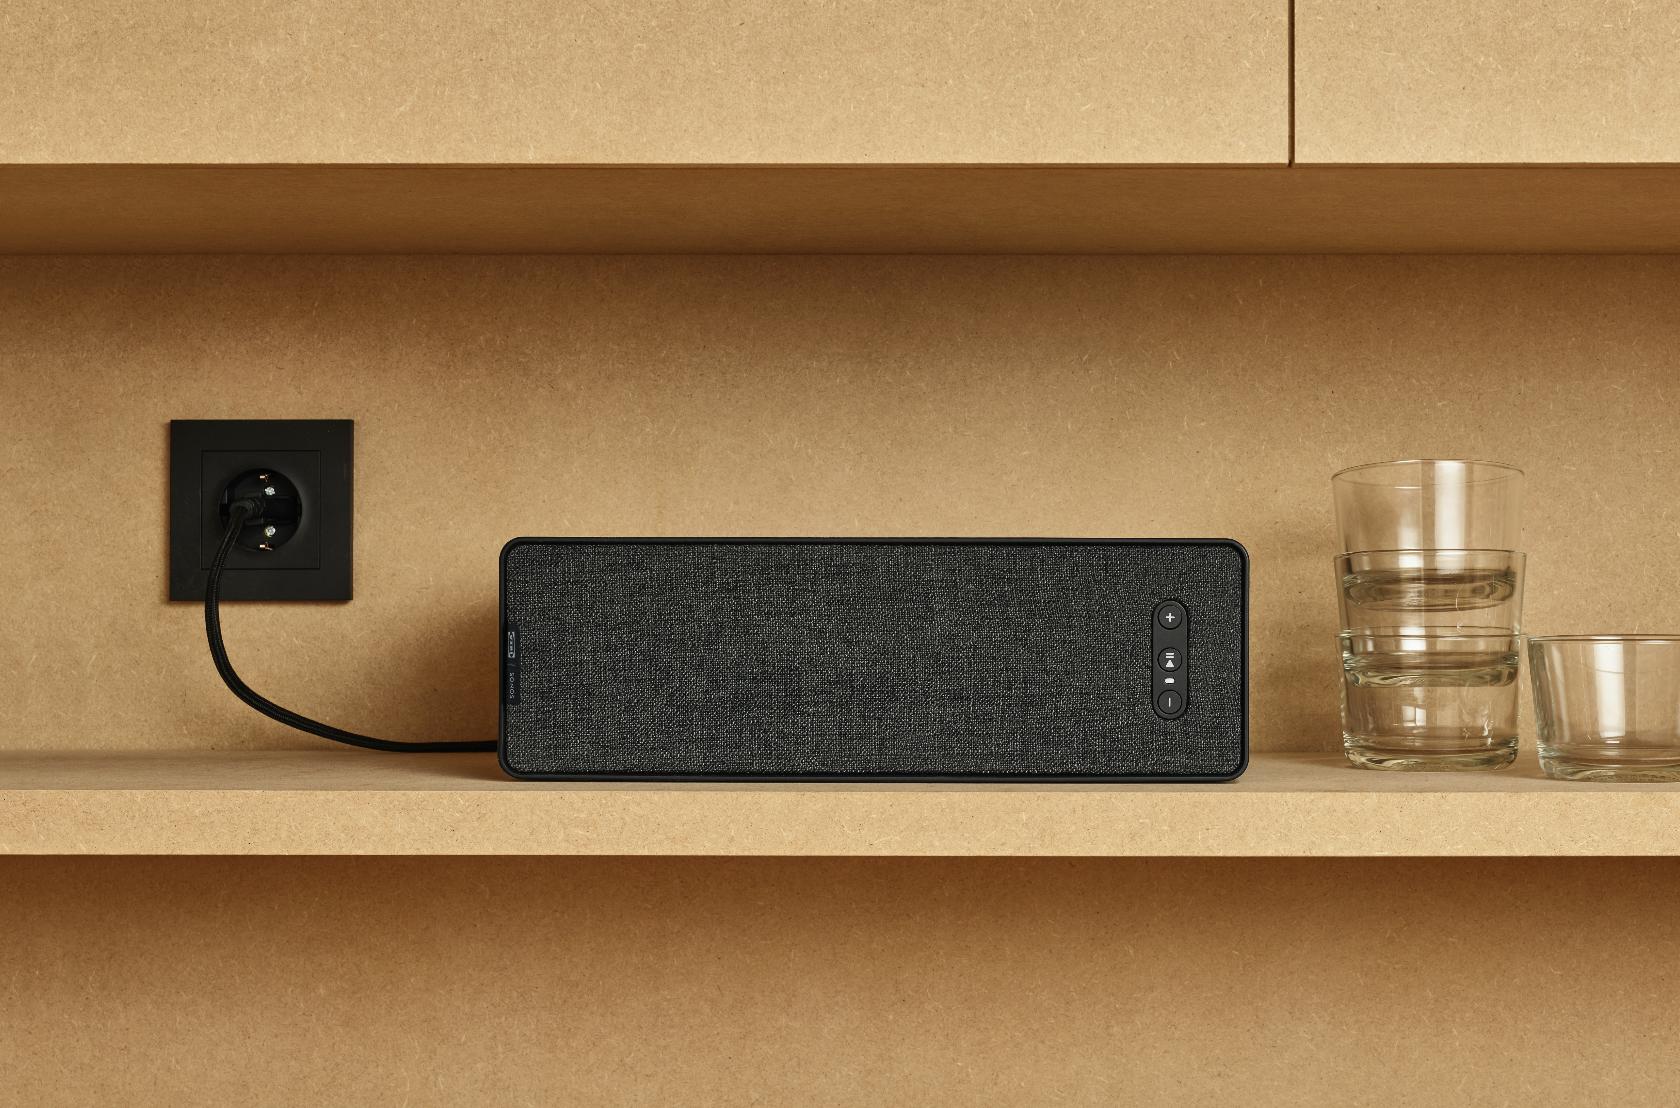 L'intégration parfaite ? Ikea et Sonos lancent une lampe équipée d'une enceinte